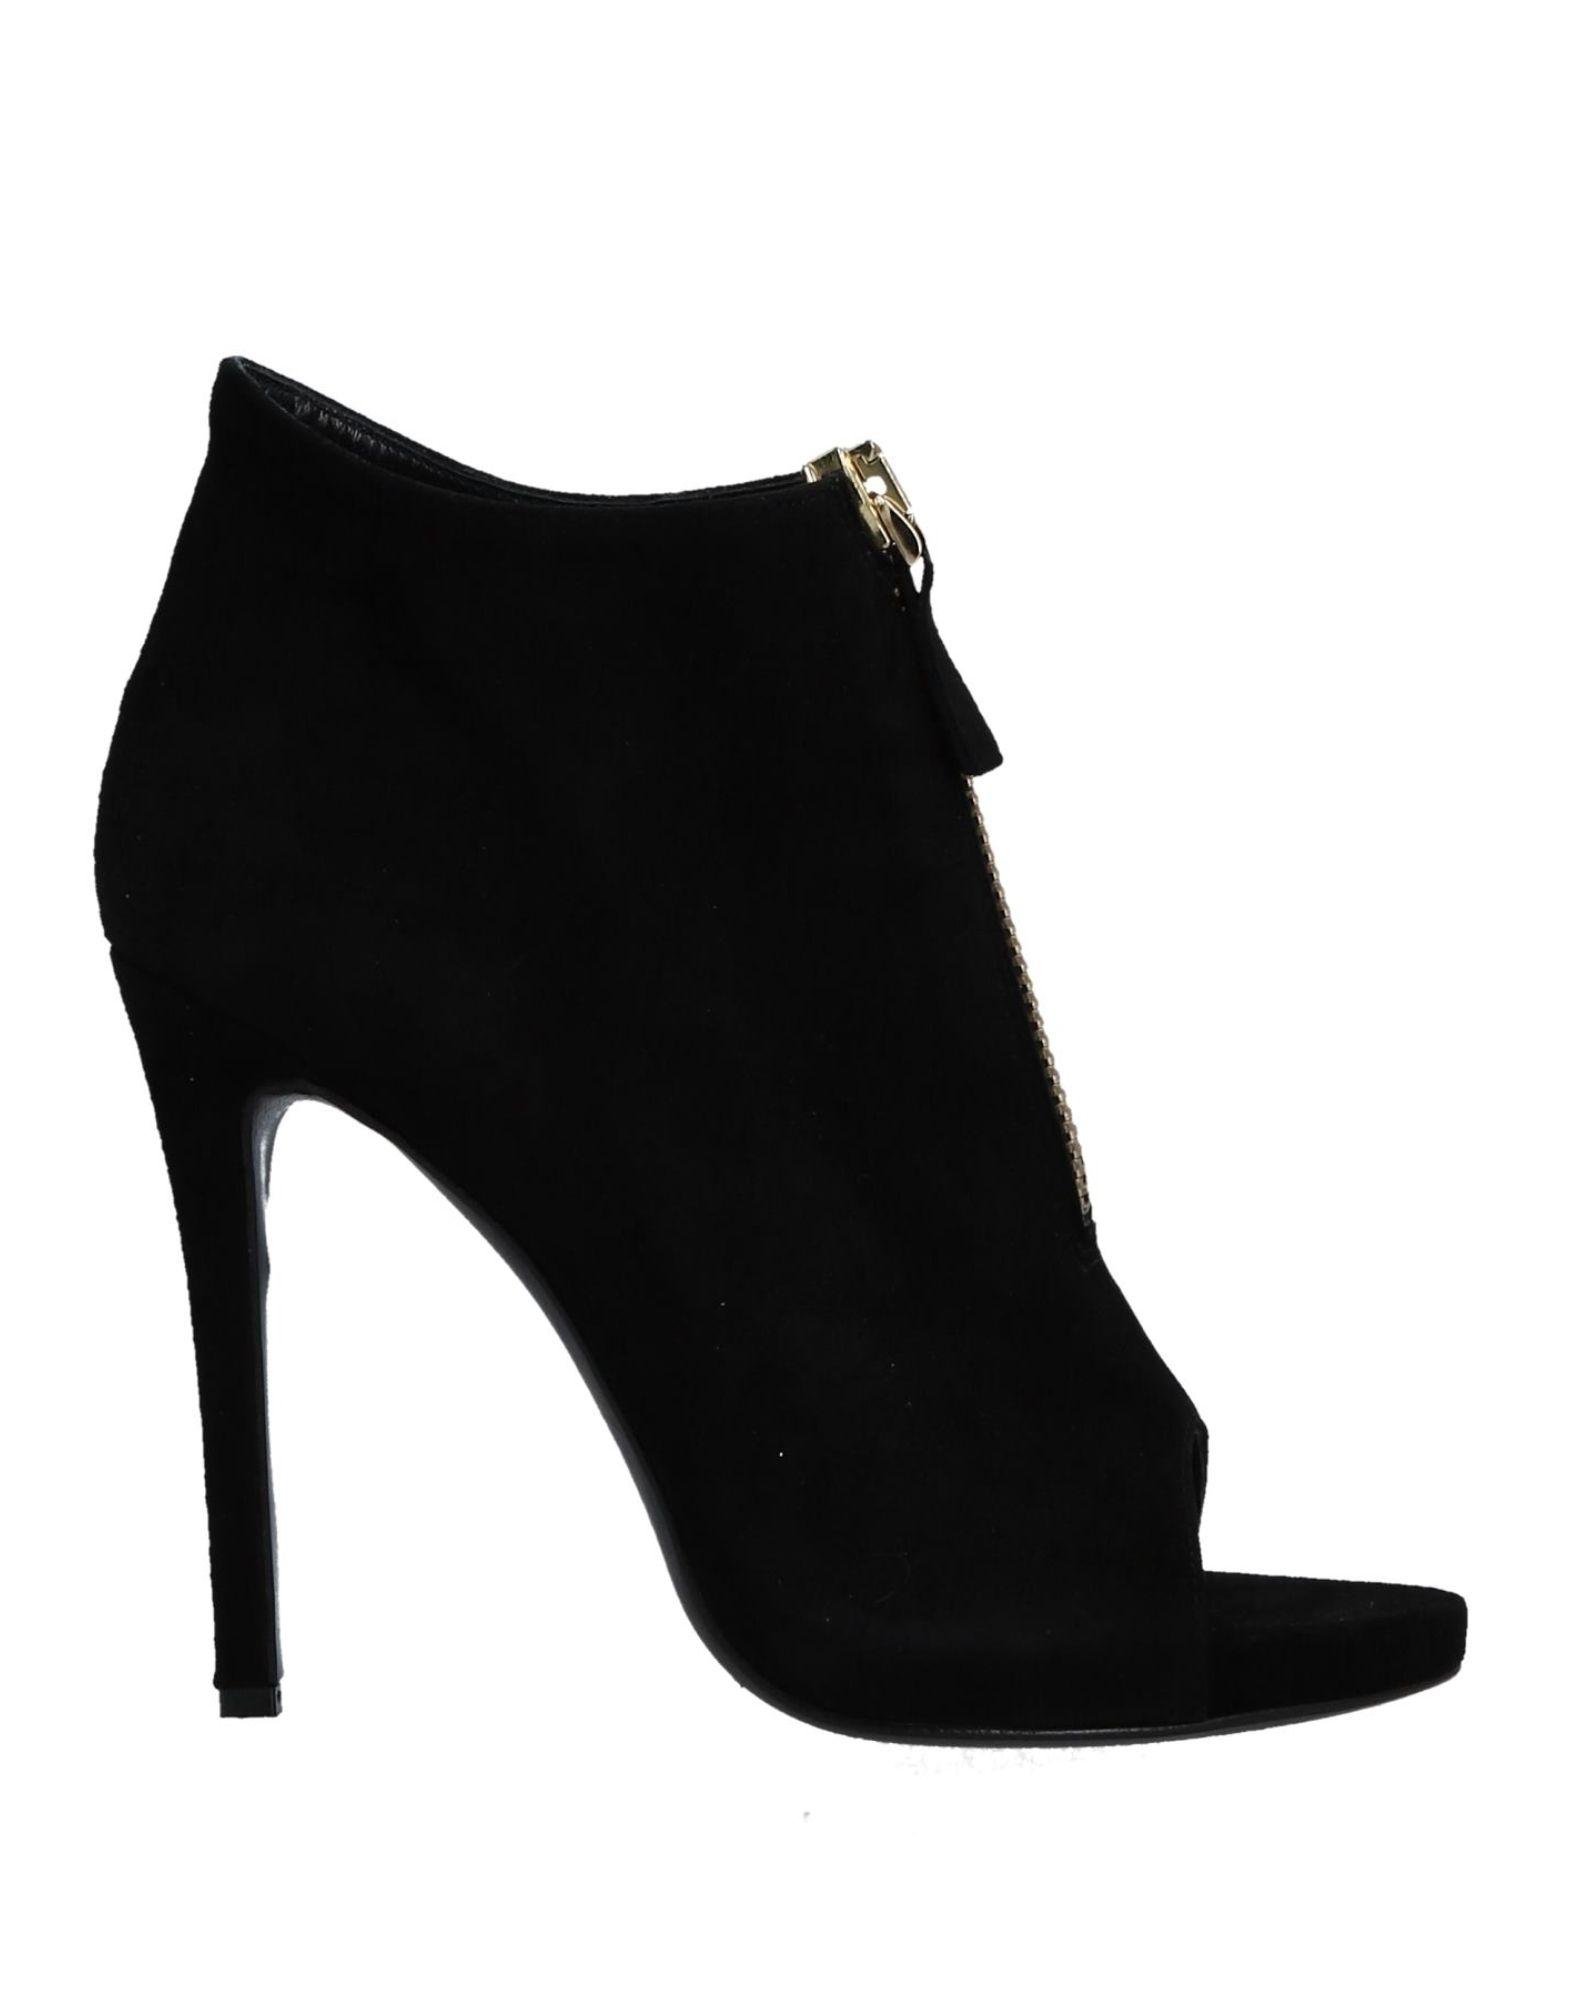 Vincenzo Piccolo Gute Stiefelette Damen  11525193WO Gute Piccolo Qualität beliebte Schuhe ebf92d